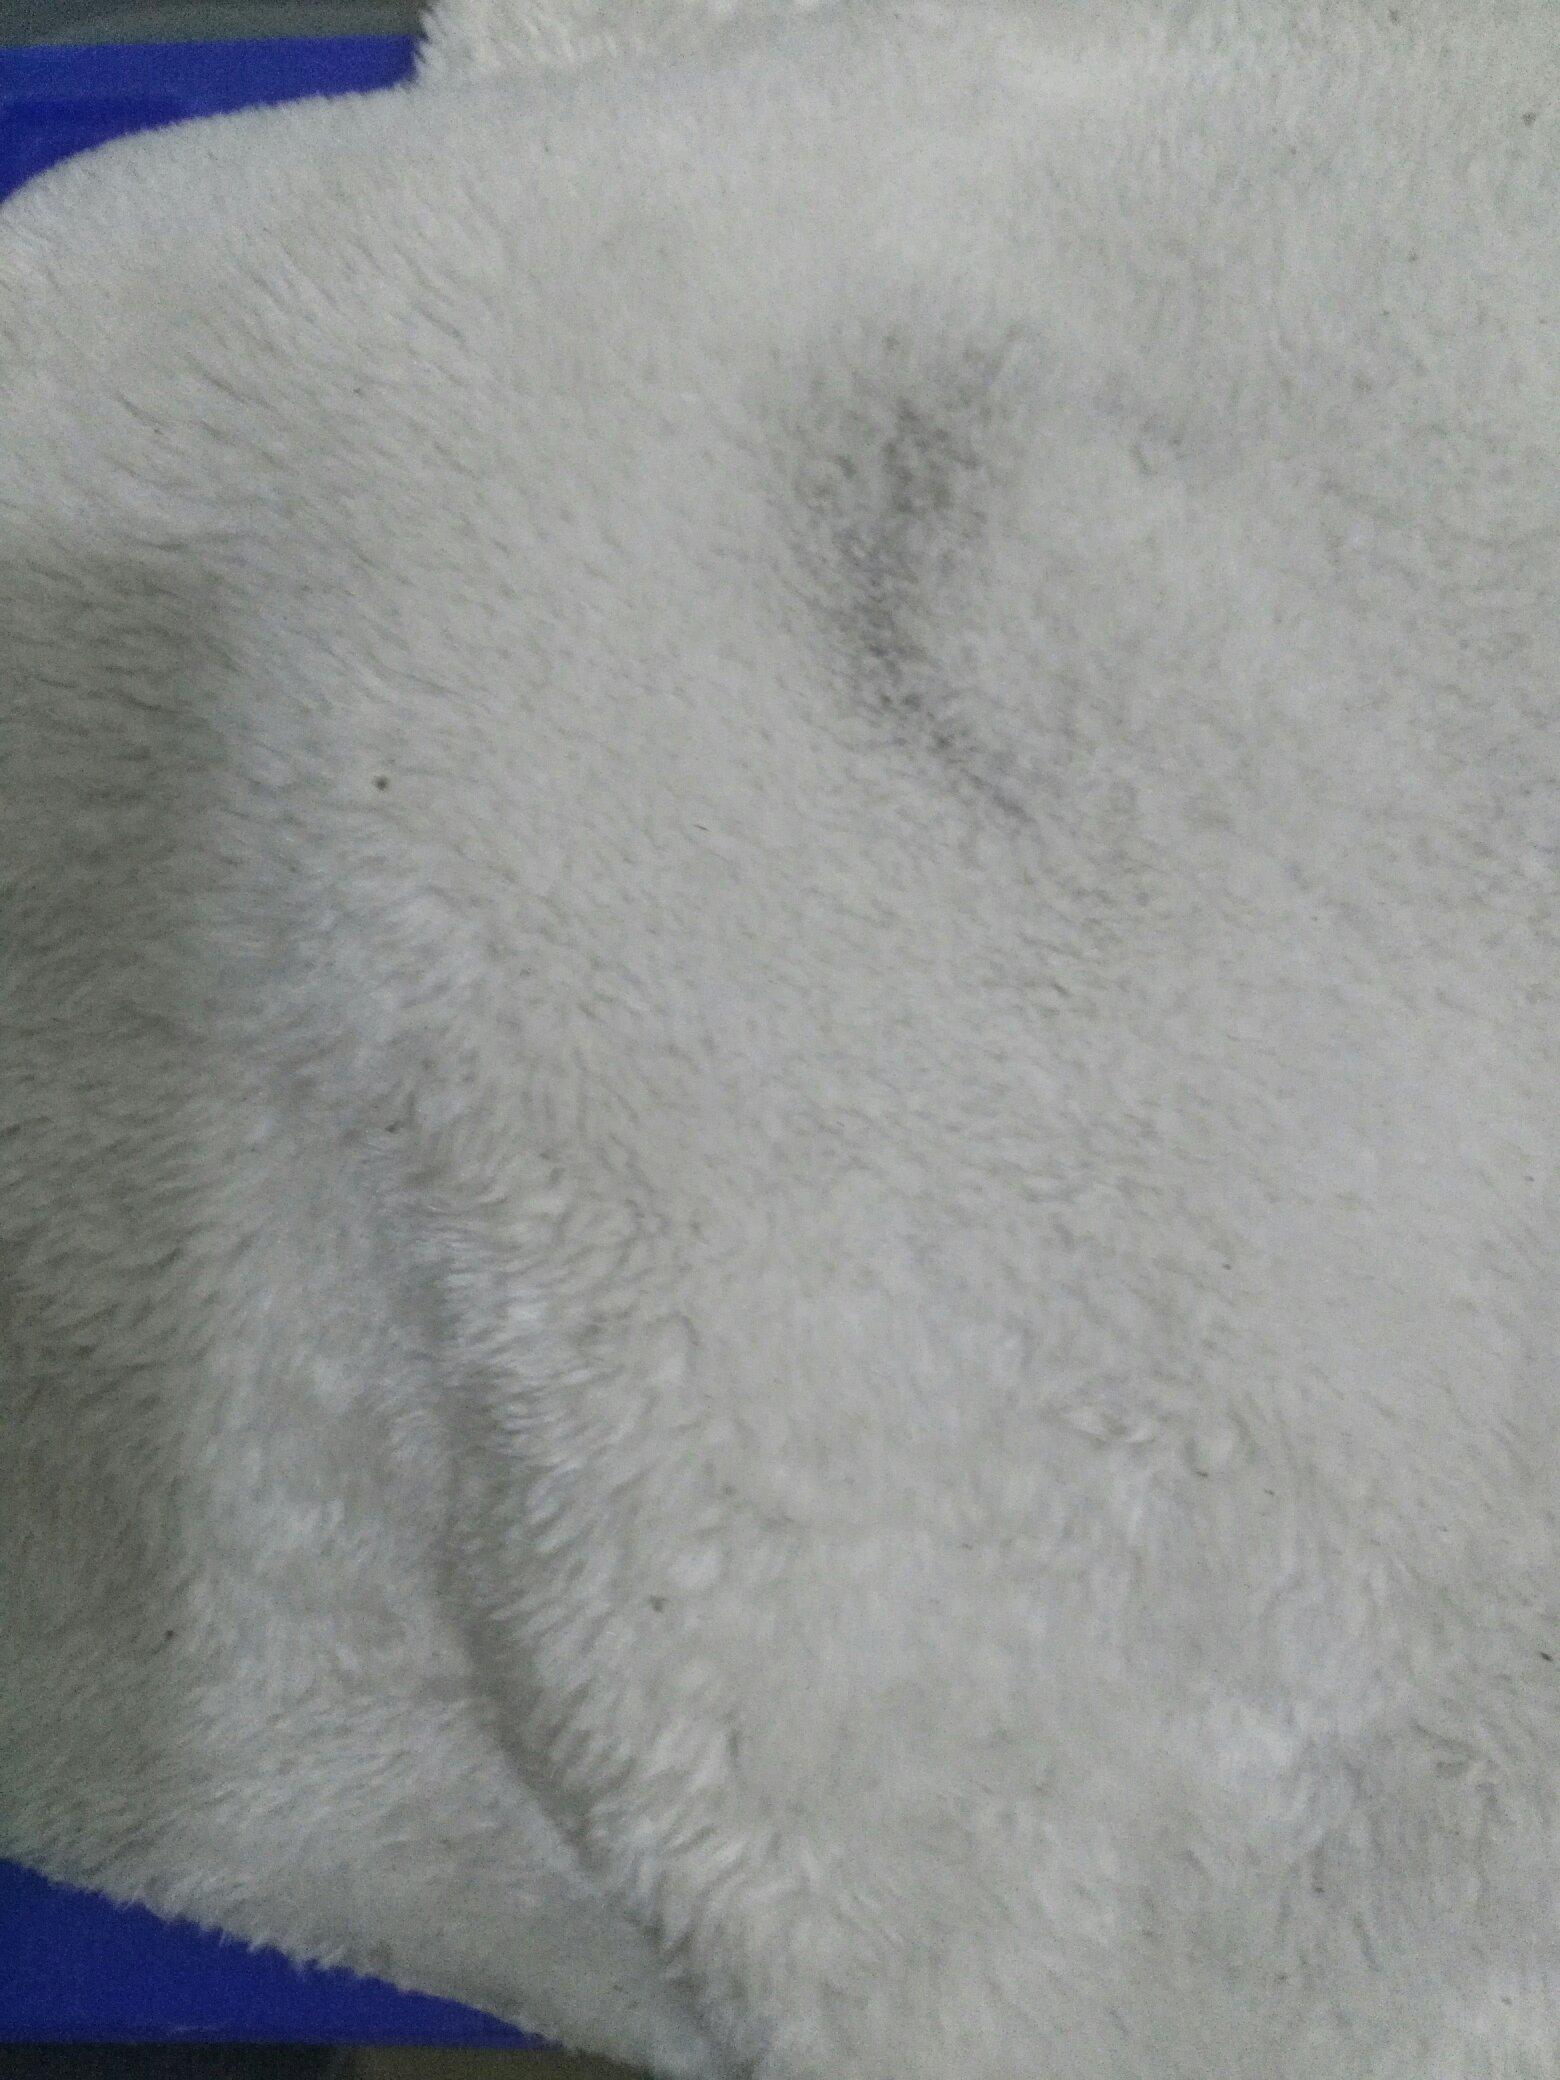 【西安泰虎】关于昨天洗衣机洗棉布 西安观赏鱼信息 西安博特第4张